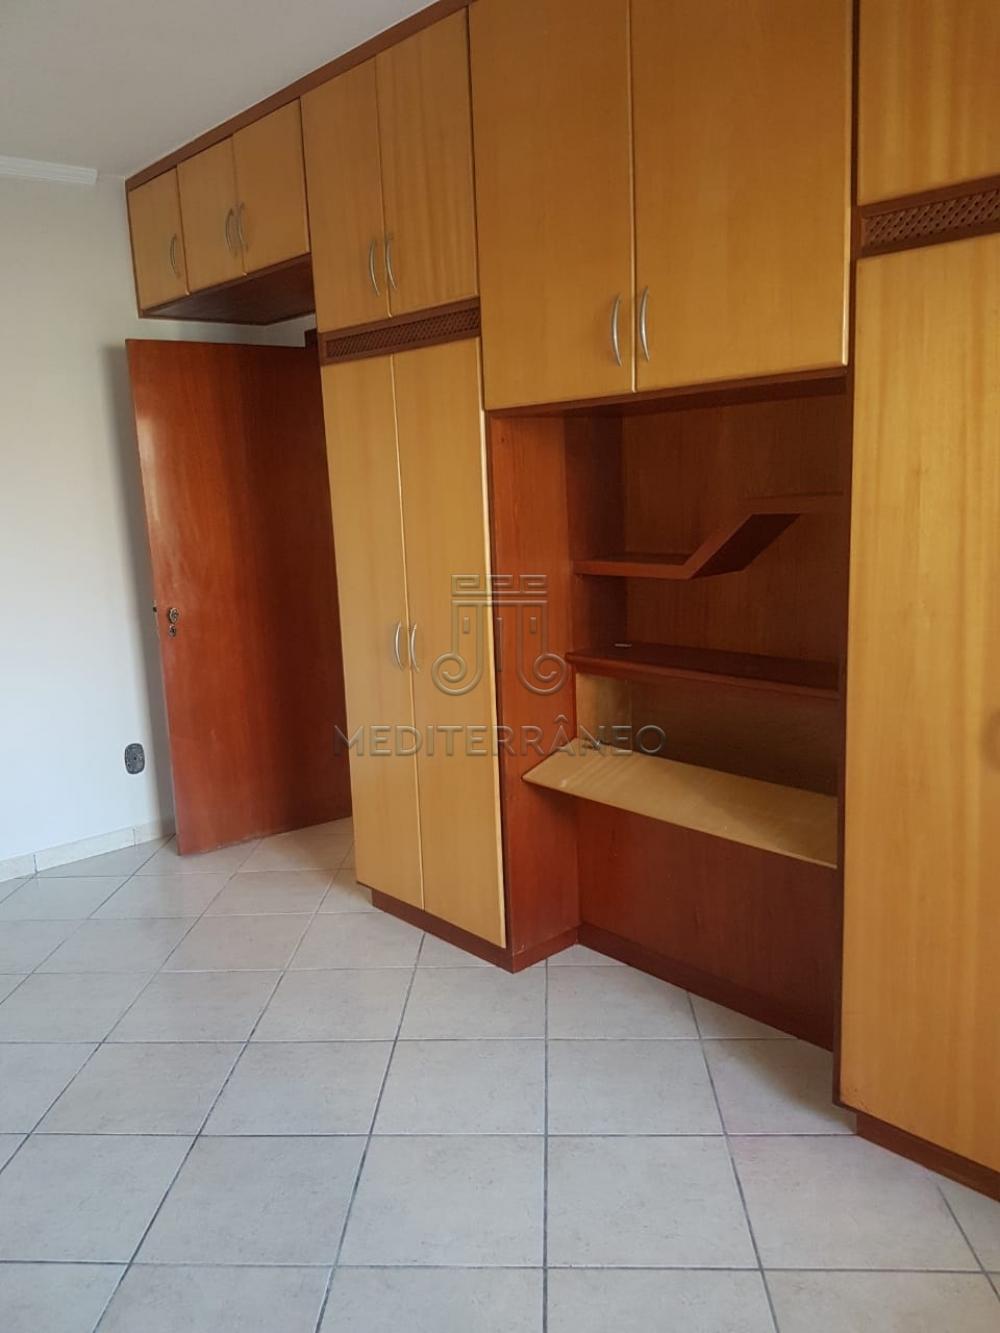 Alugar Casa / Padrão em Jundiaí apenas R$ 4.000,00 - Foto 11